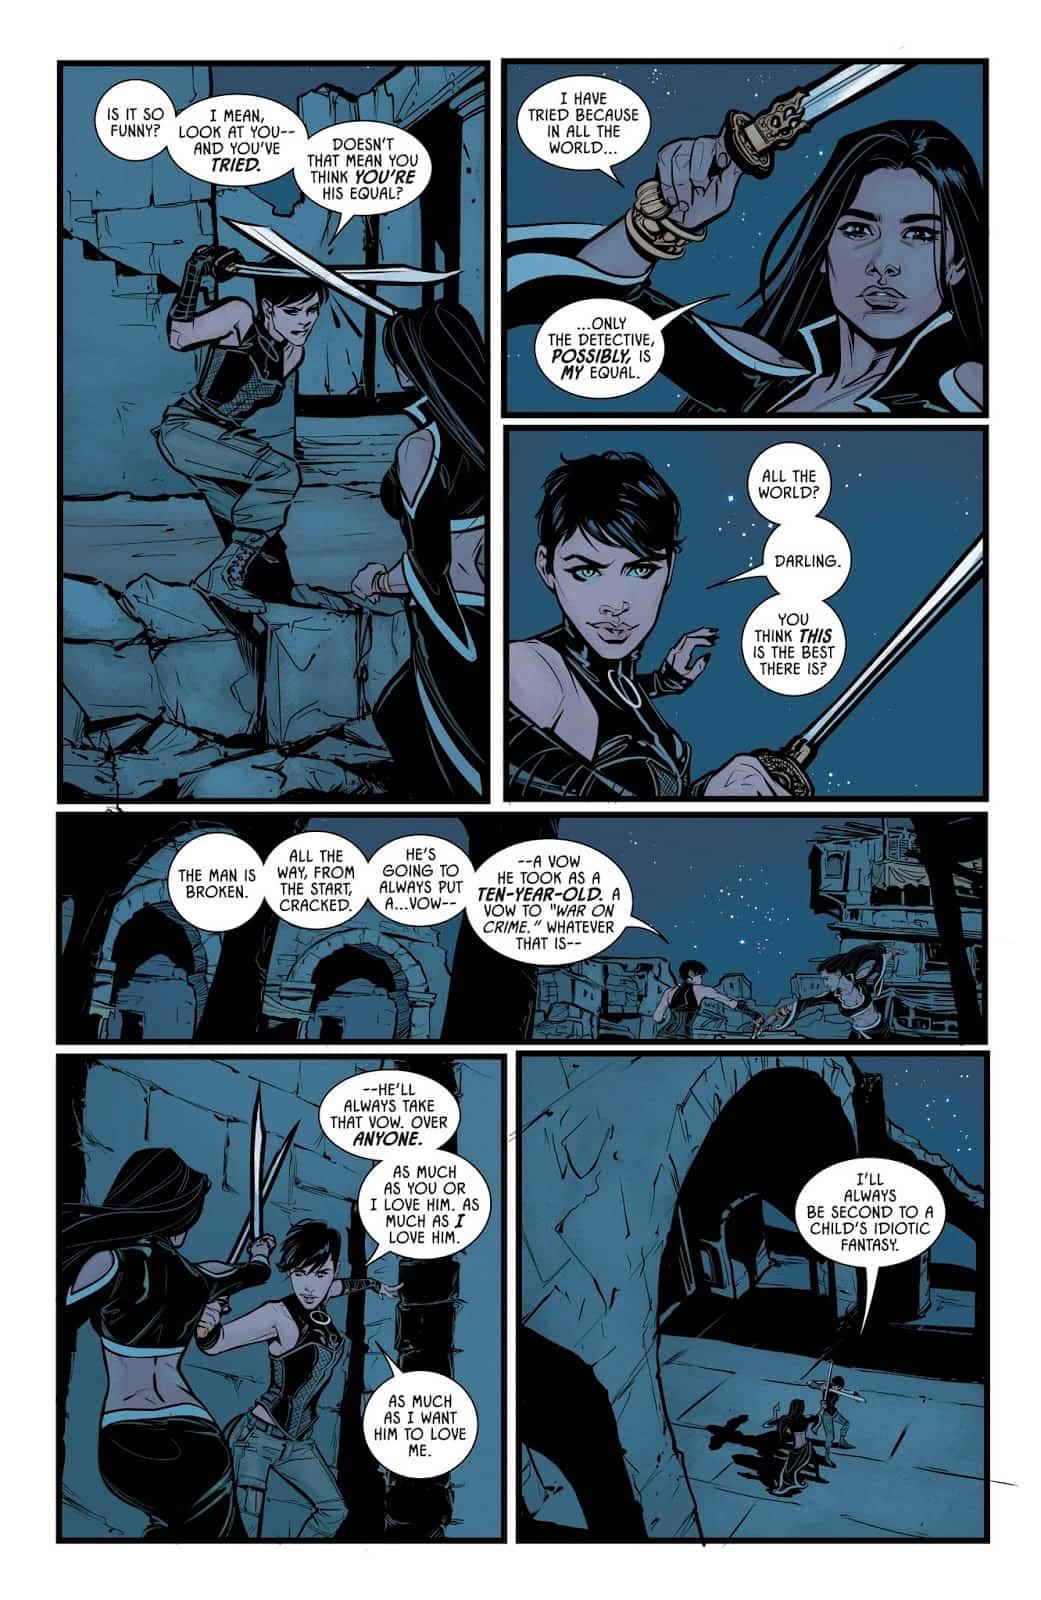 Rule batman series bruce wayne catwoman